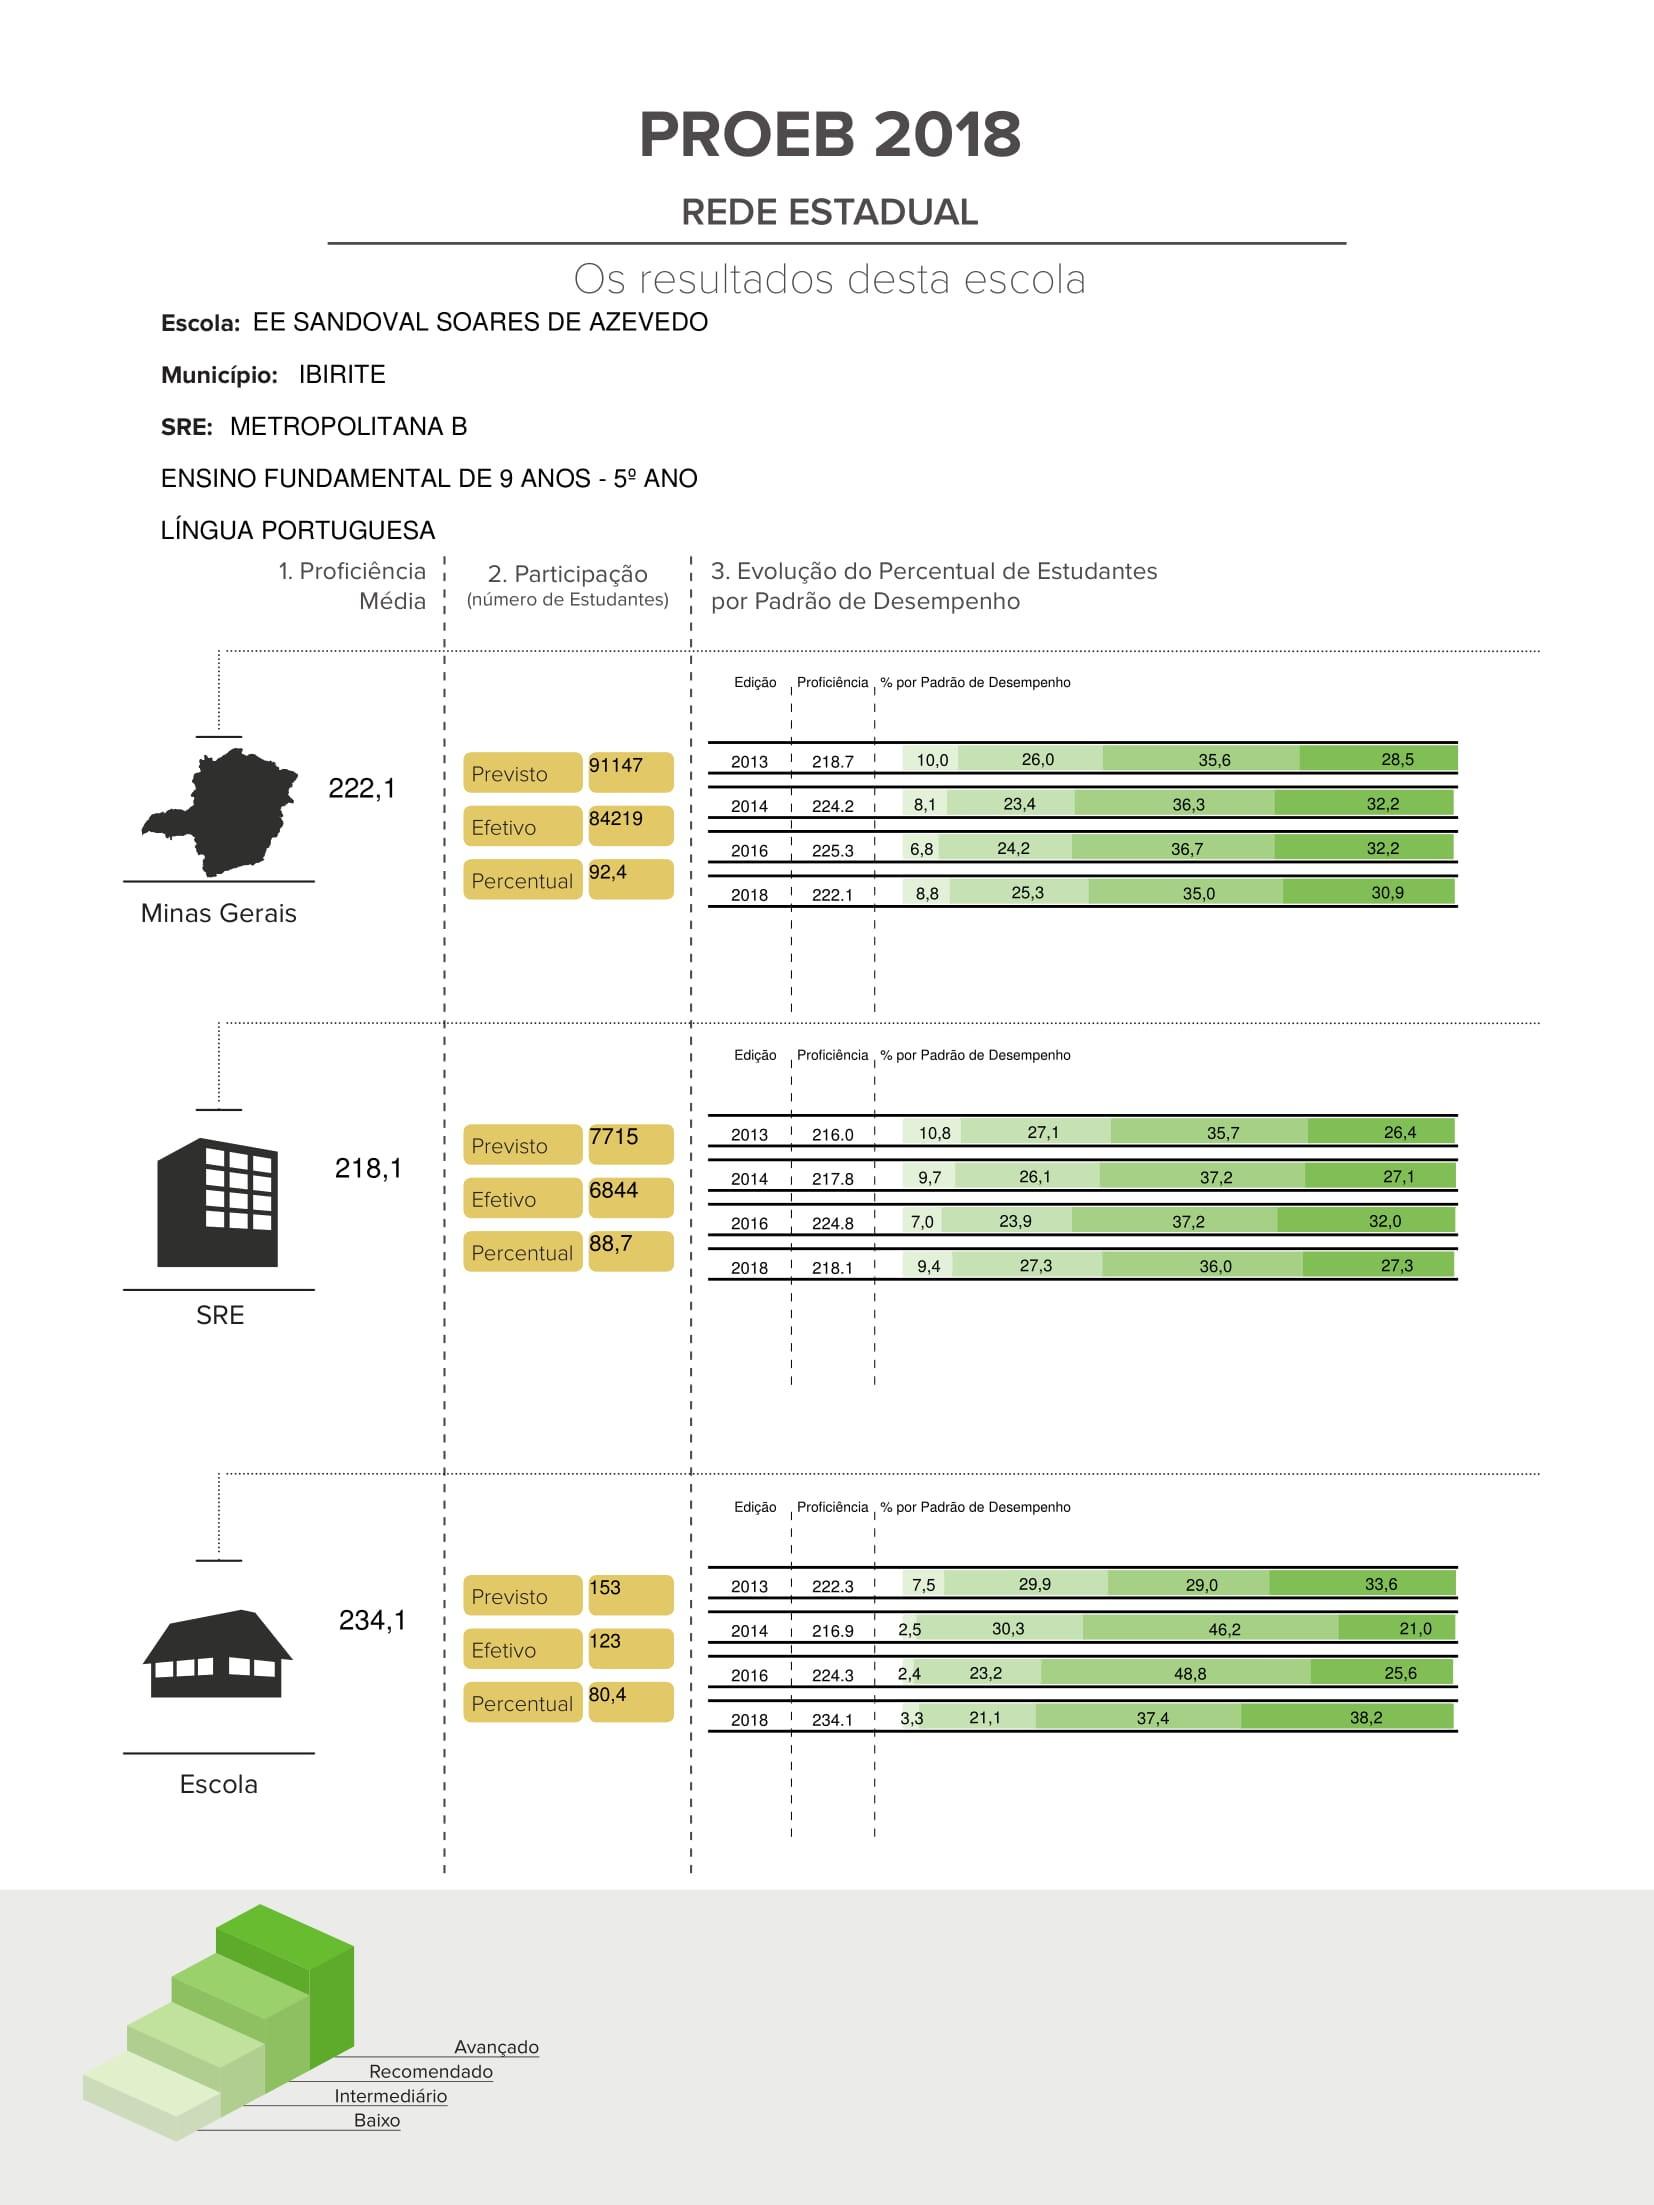 Resultado da Escola Sandoval Soares de Azevedo/FHA no PROEB 2018 - Língua Portuguesa